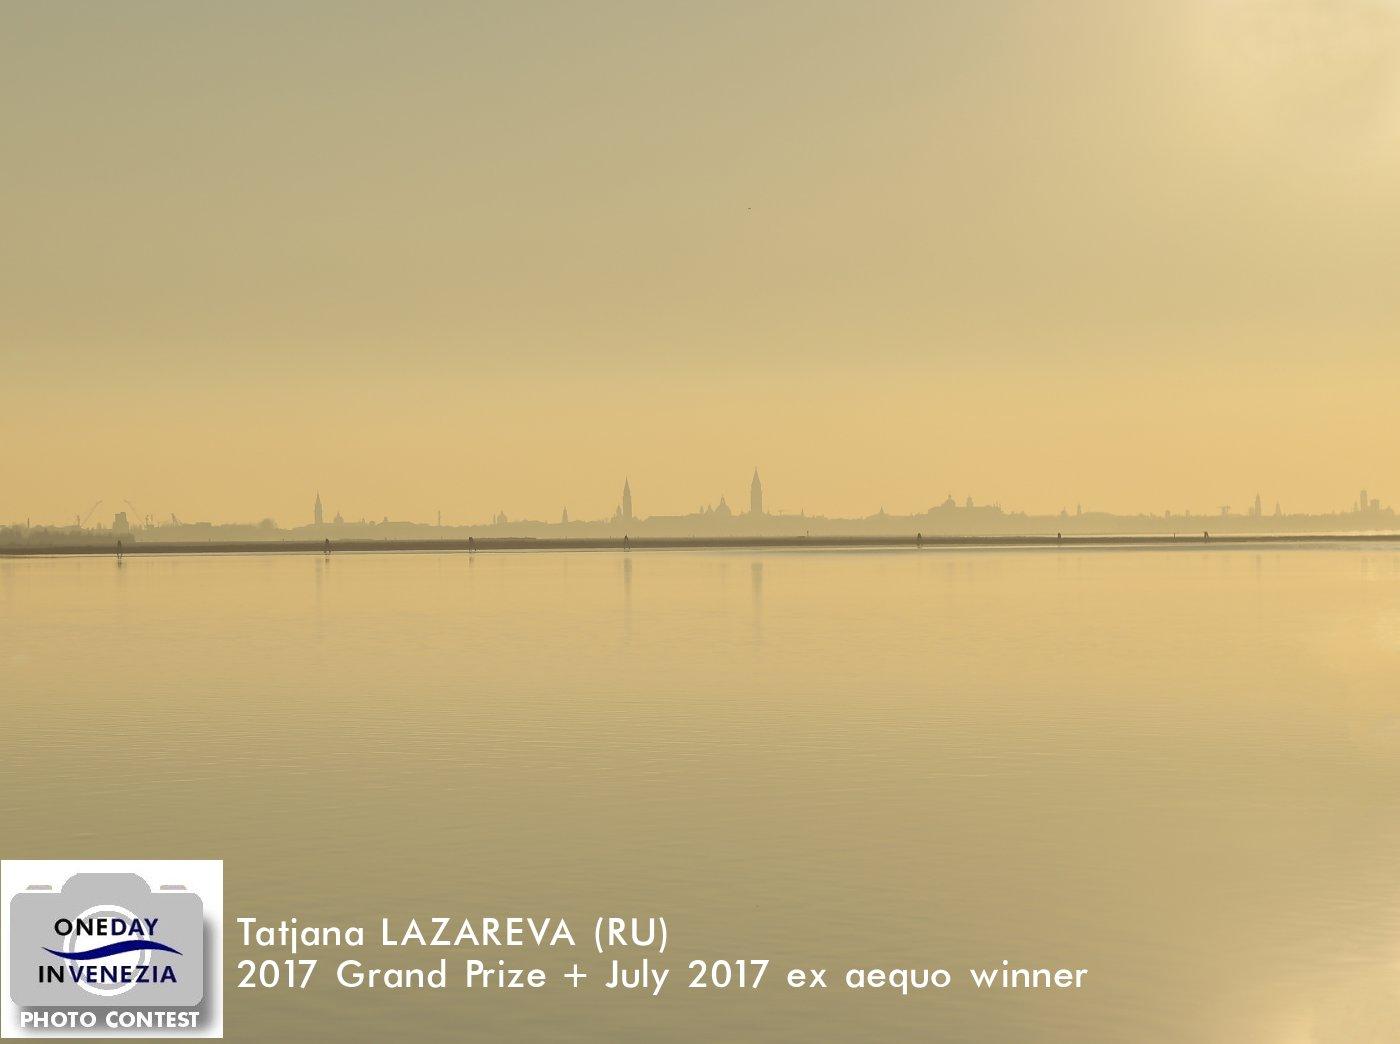 www.onedayinvenezia.com